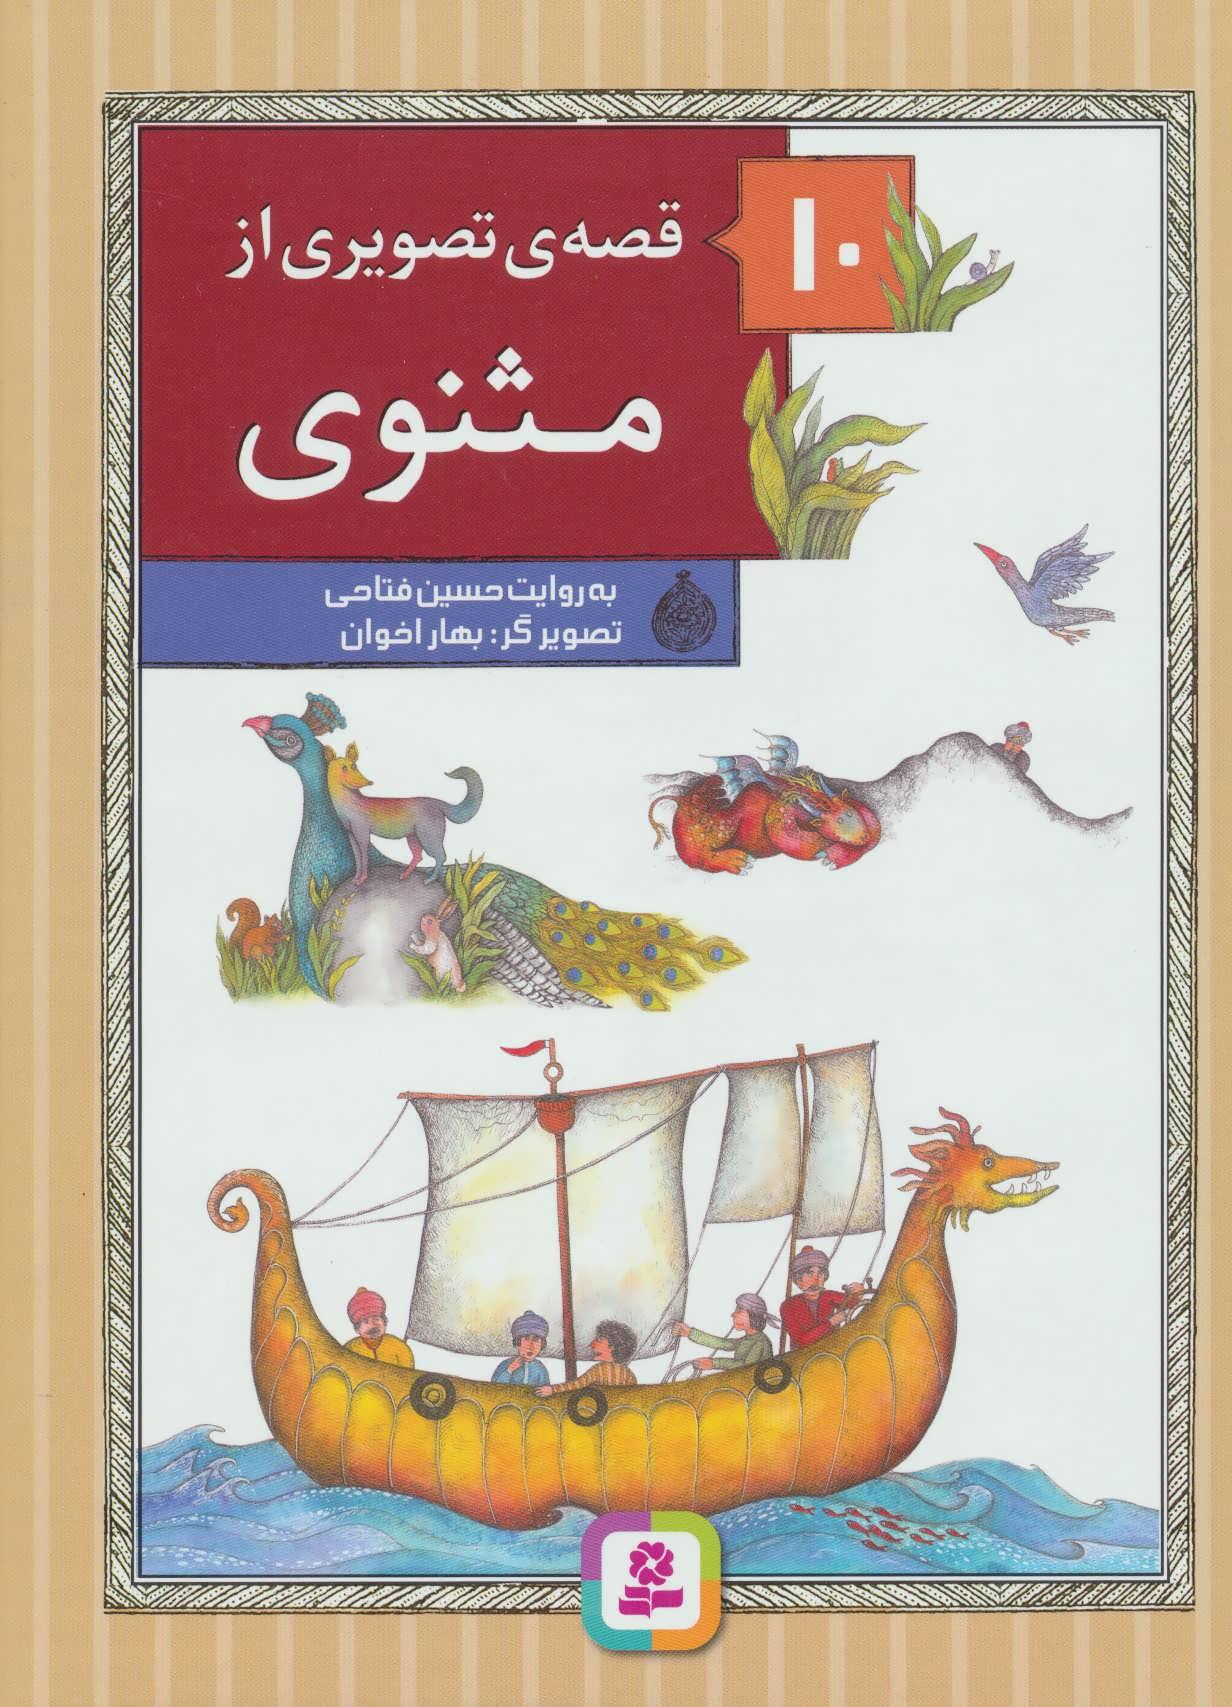 10 قصه ي تصويري از مثنوي (گلاسه)